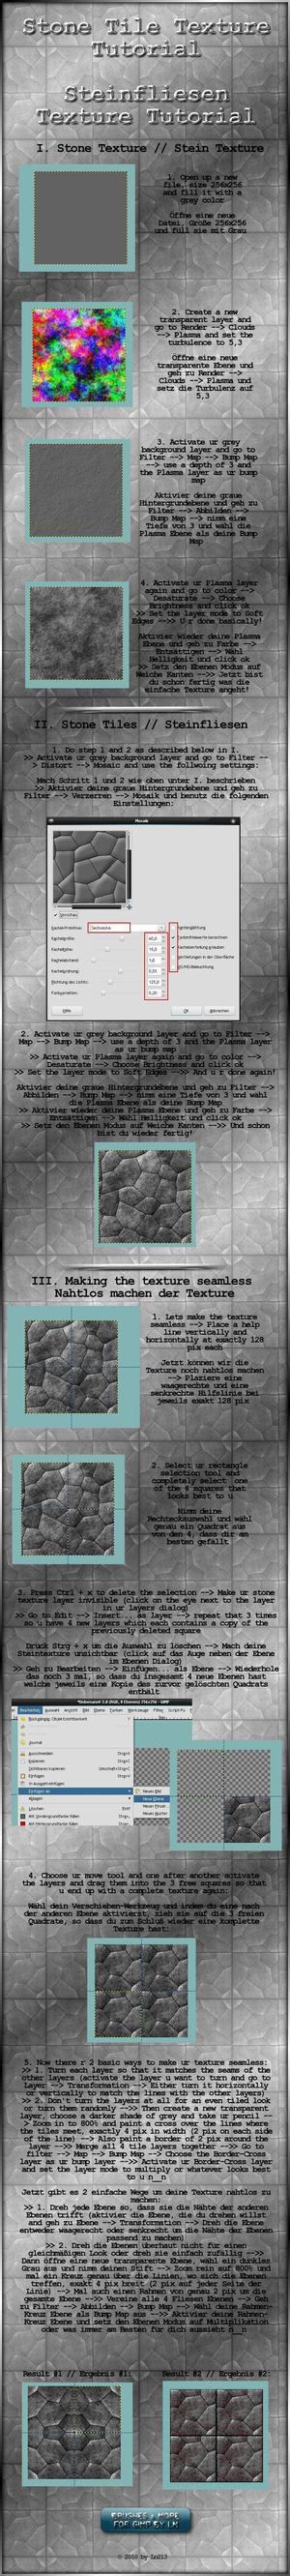 Gimp stone texture tutorial by el l en on deviantart gimp stone texture tutorial by el l en baditri Gallery